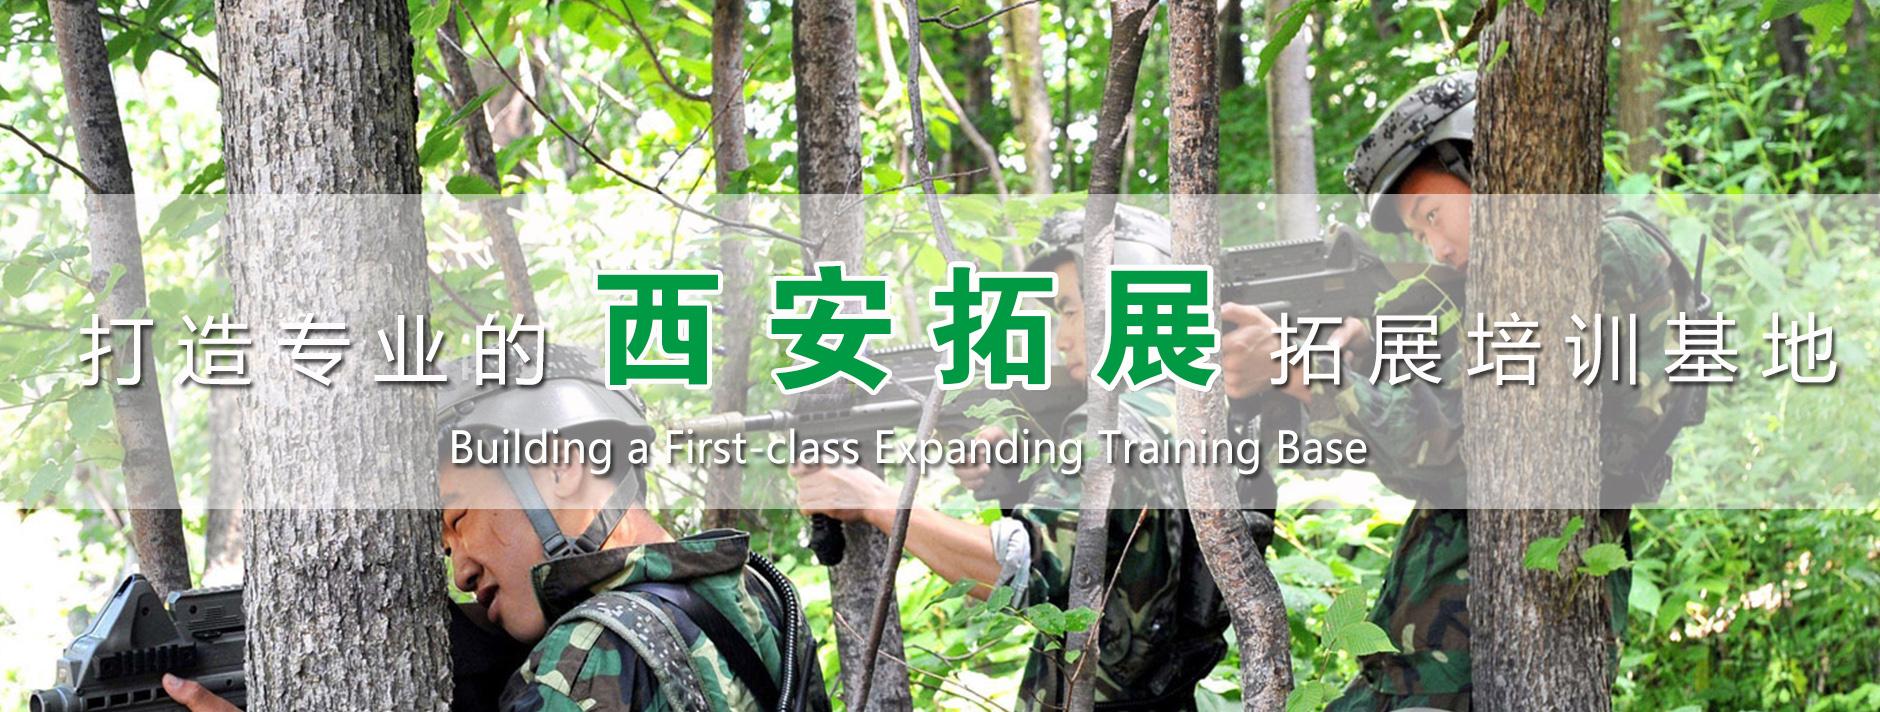 西安拓展培训